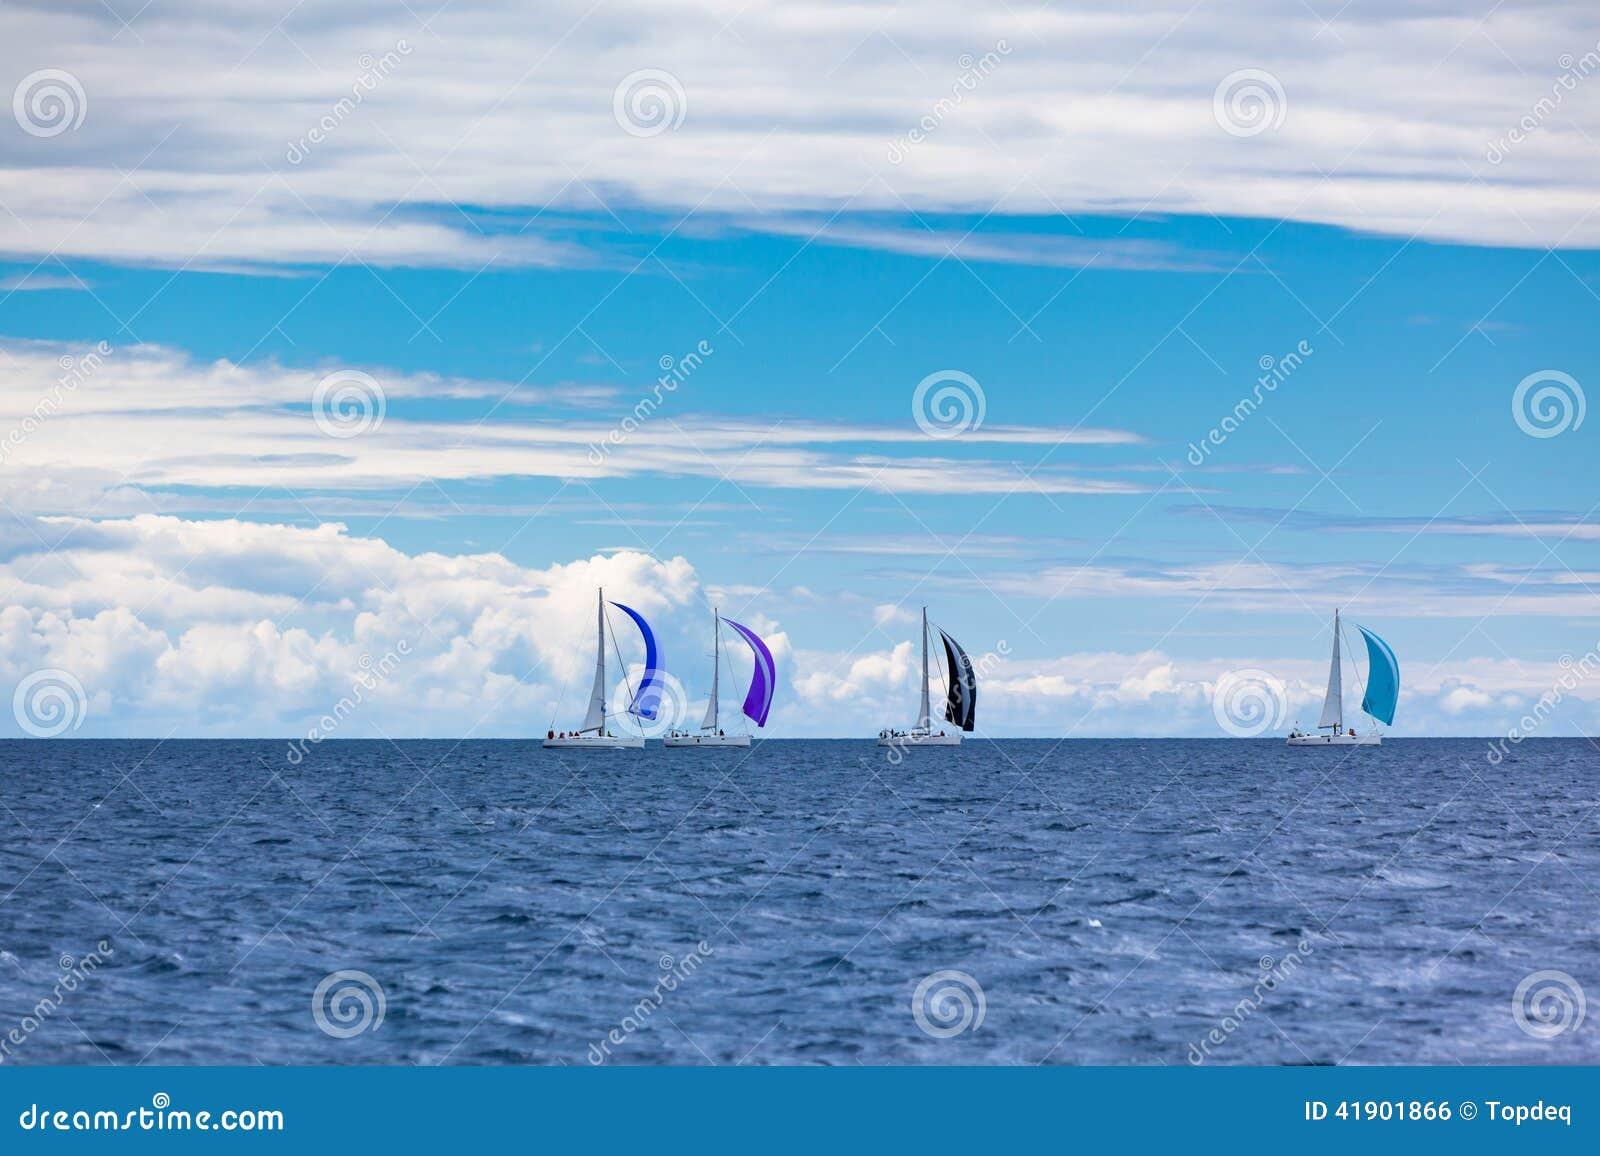 Yachtregatta på Adriatiskt havet i blåsväder